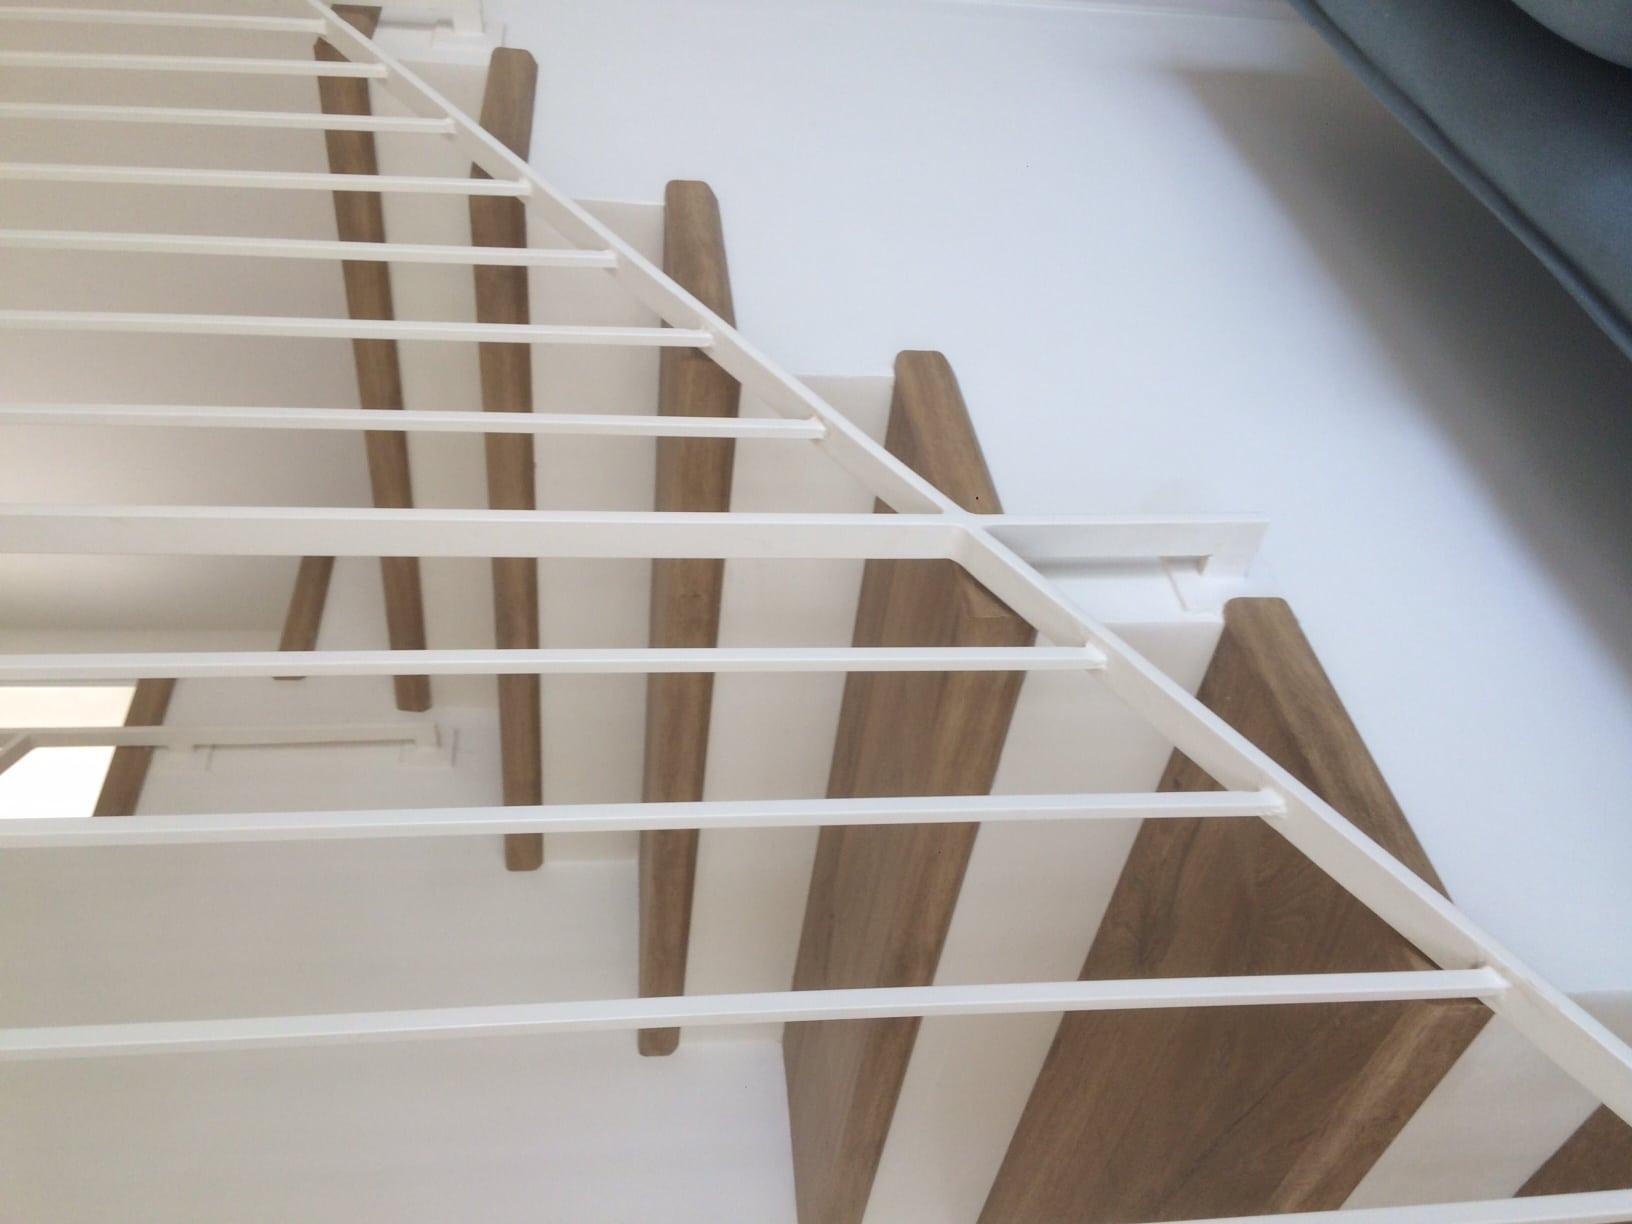 מדרגות פרקט לעליית הגג